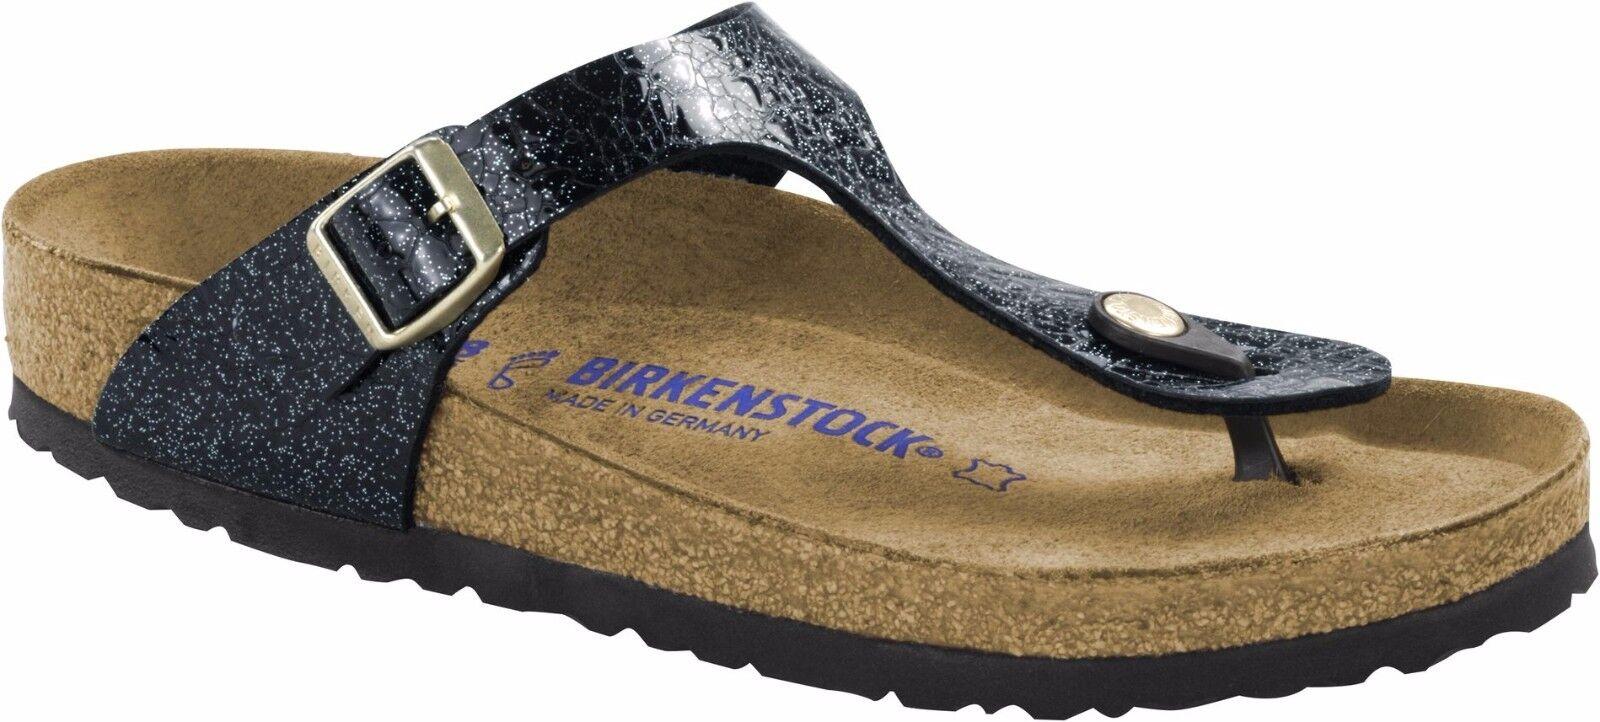 Birkenstock Gizeh Myda 35-43 Night Weichbettung Größe 35-43 Myda Fußbett normal 7989b5